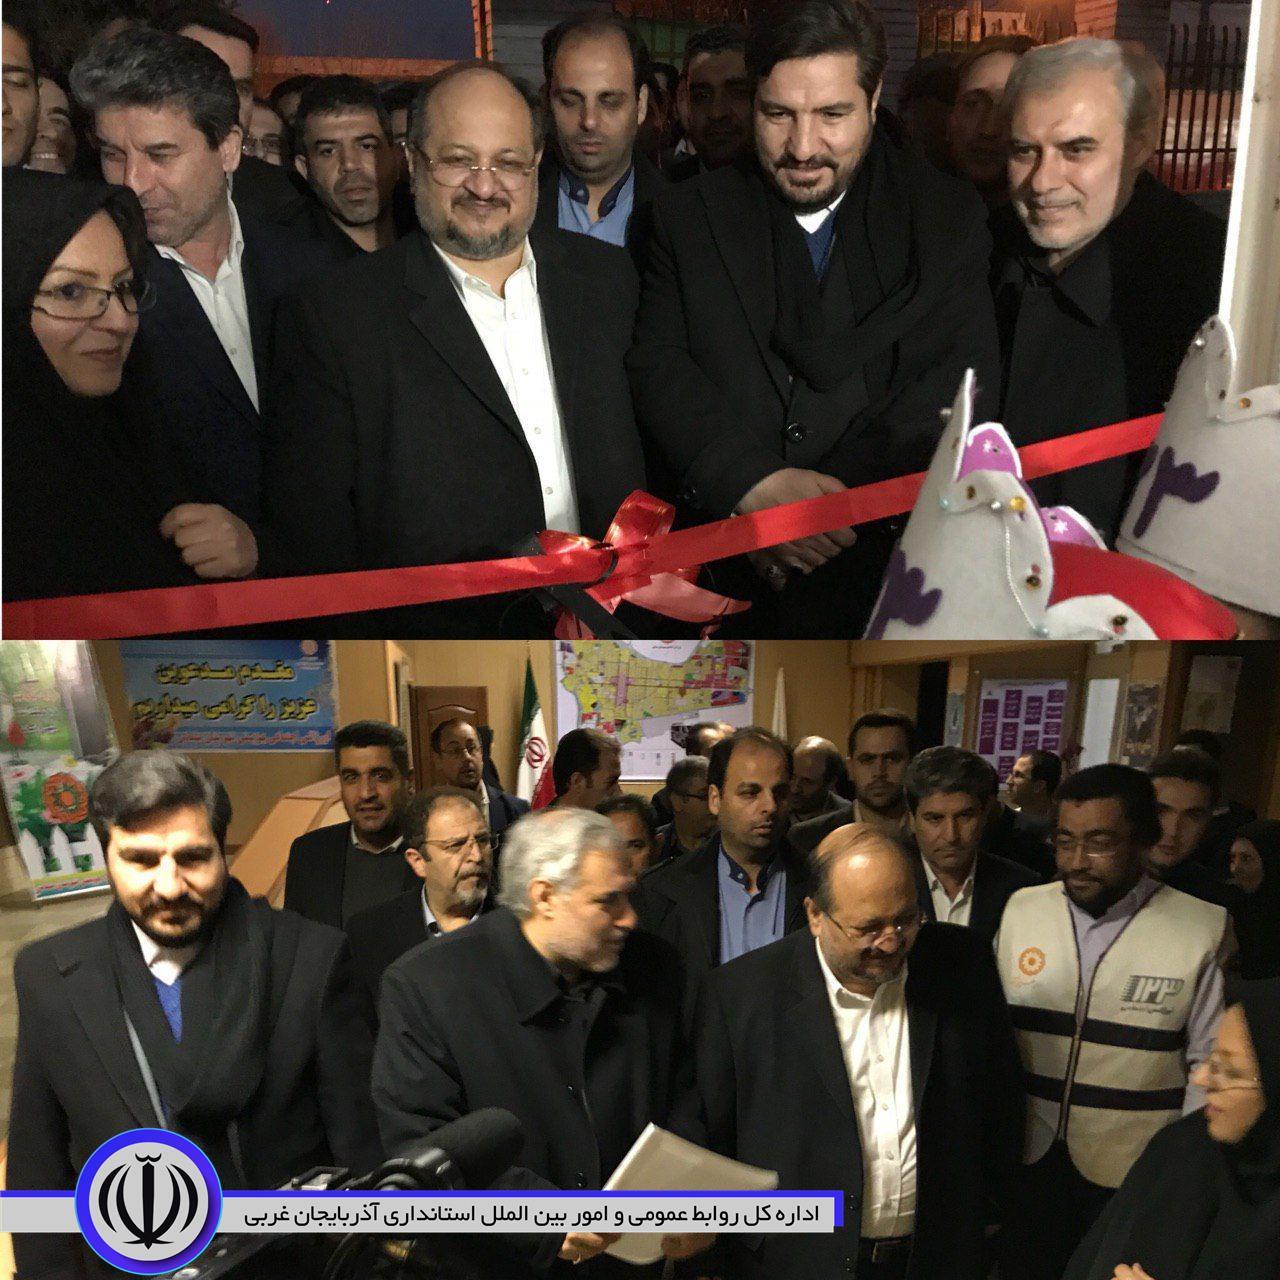 با حضور وزیر تعاون، کار و رفاه اجتماعی  و استاندار آذربایجان غربی  2 طرح زیربنایی در سلماس افتتاح شد